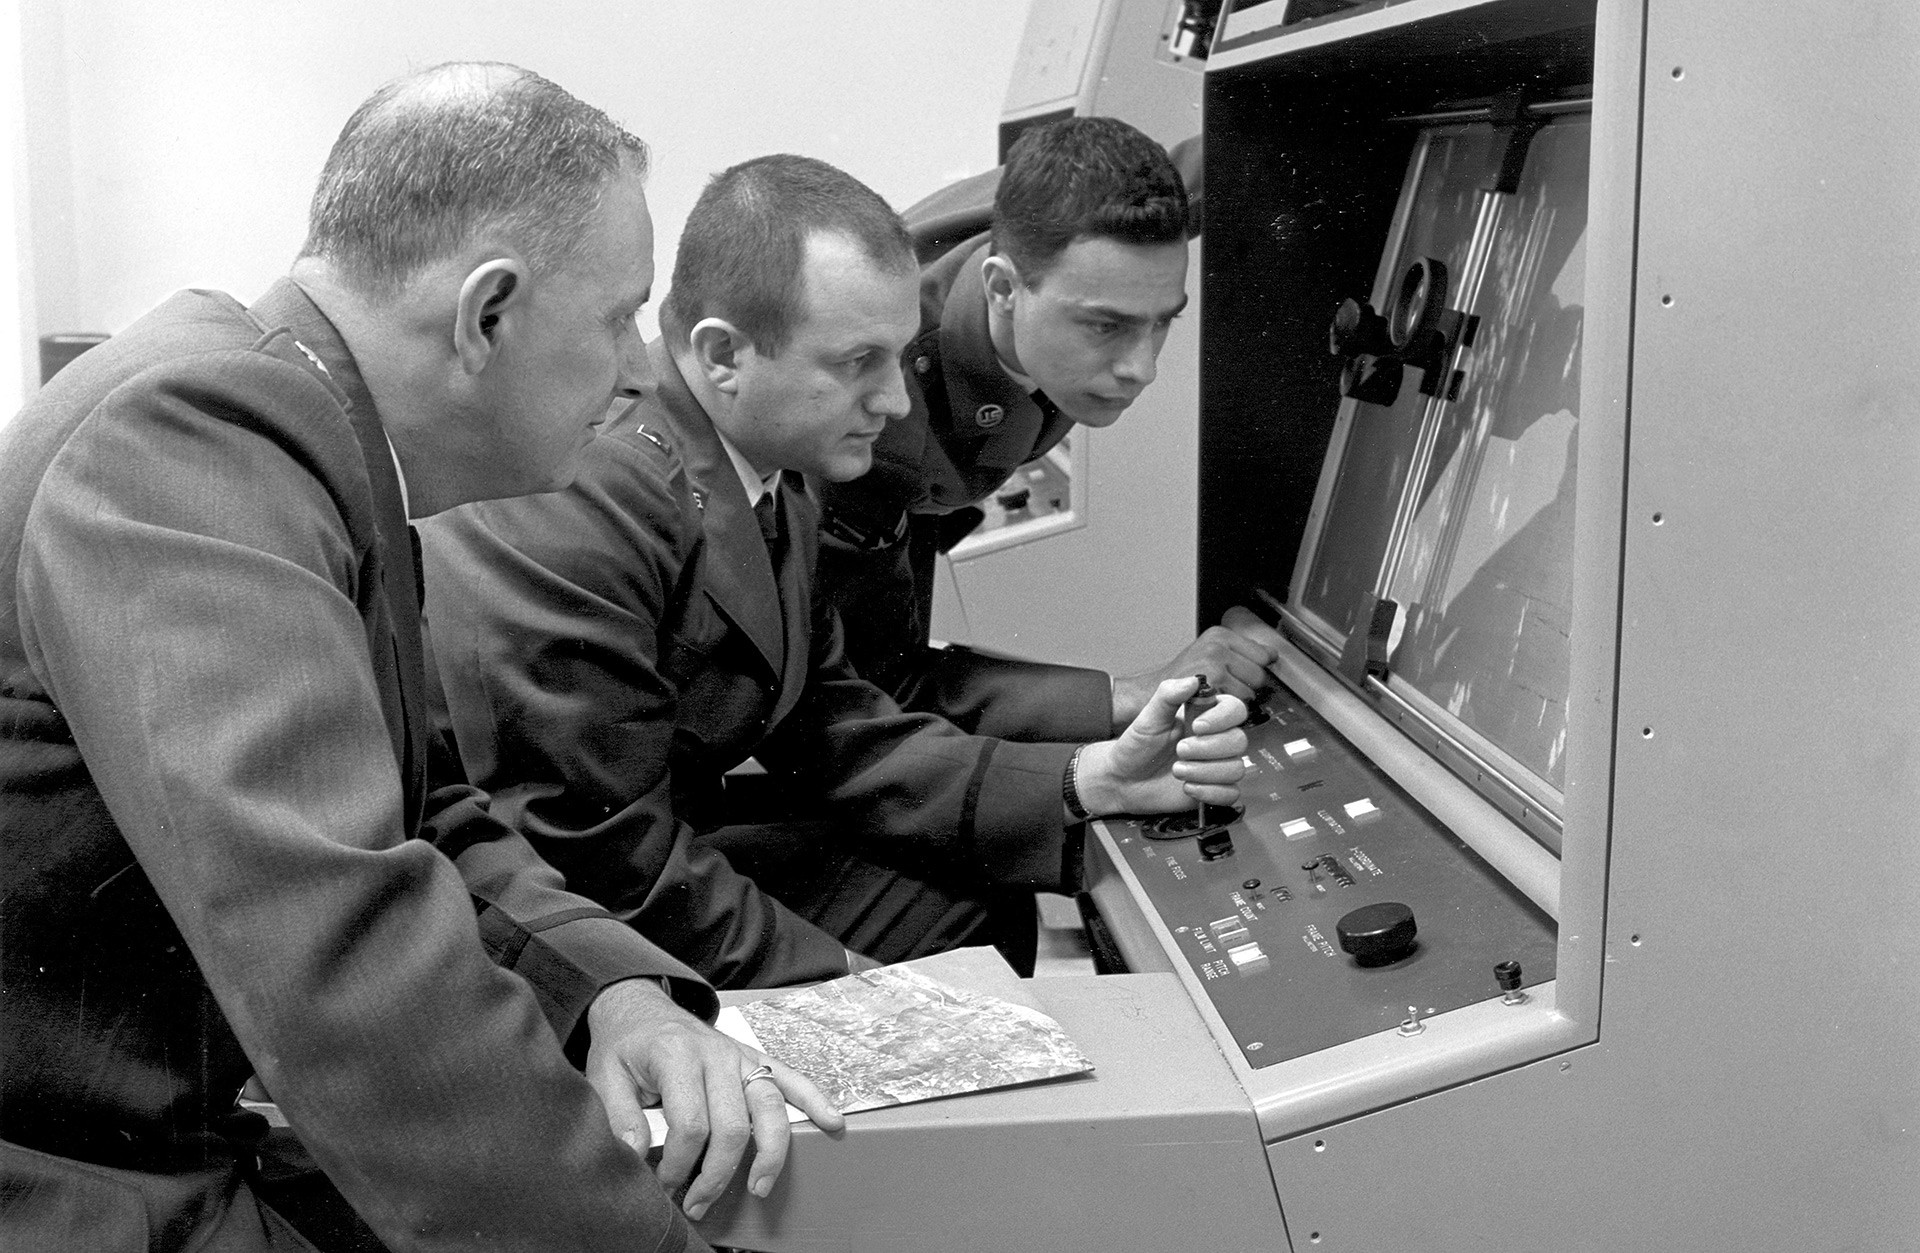 Osoblje Strateške zračne obrane tumači fotografiju zračnog izviđanja tijekom Kubanske krize, 1962.